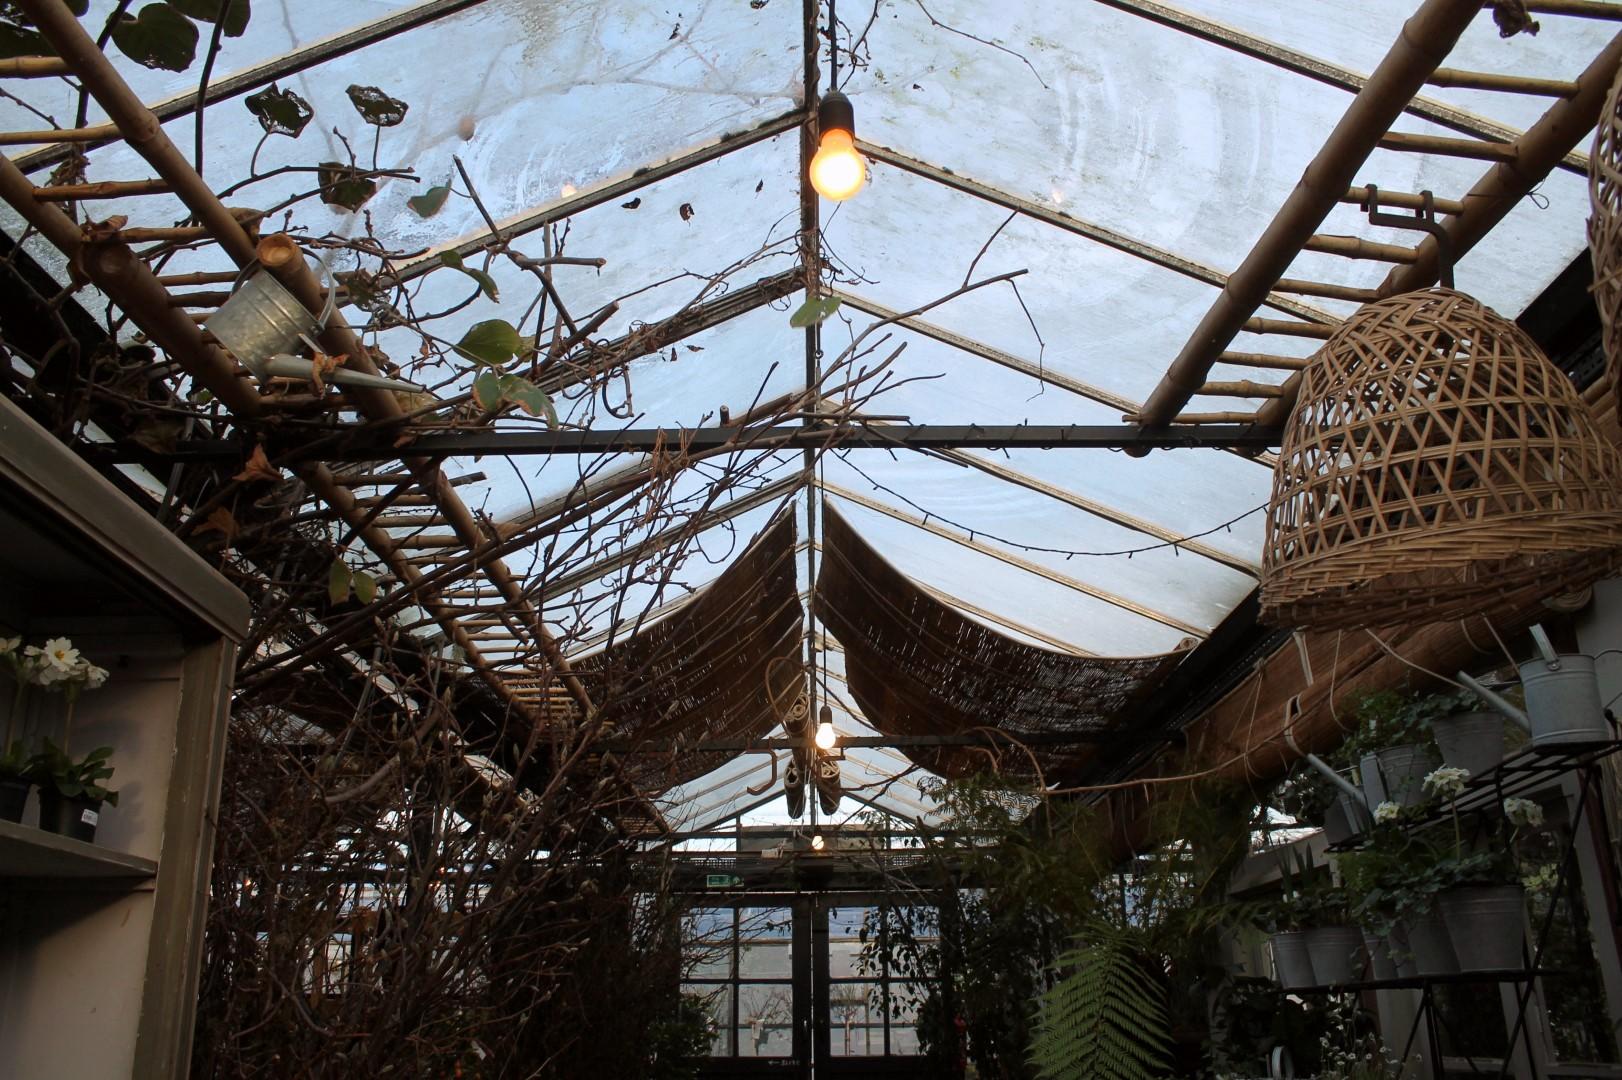 Richmond - Explore a secret garden centre, meadows, and gardens